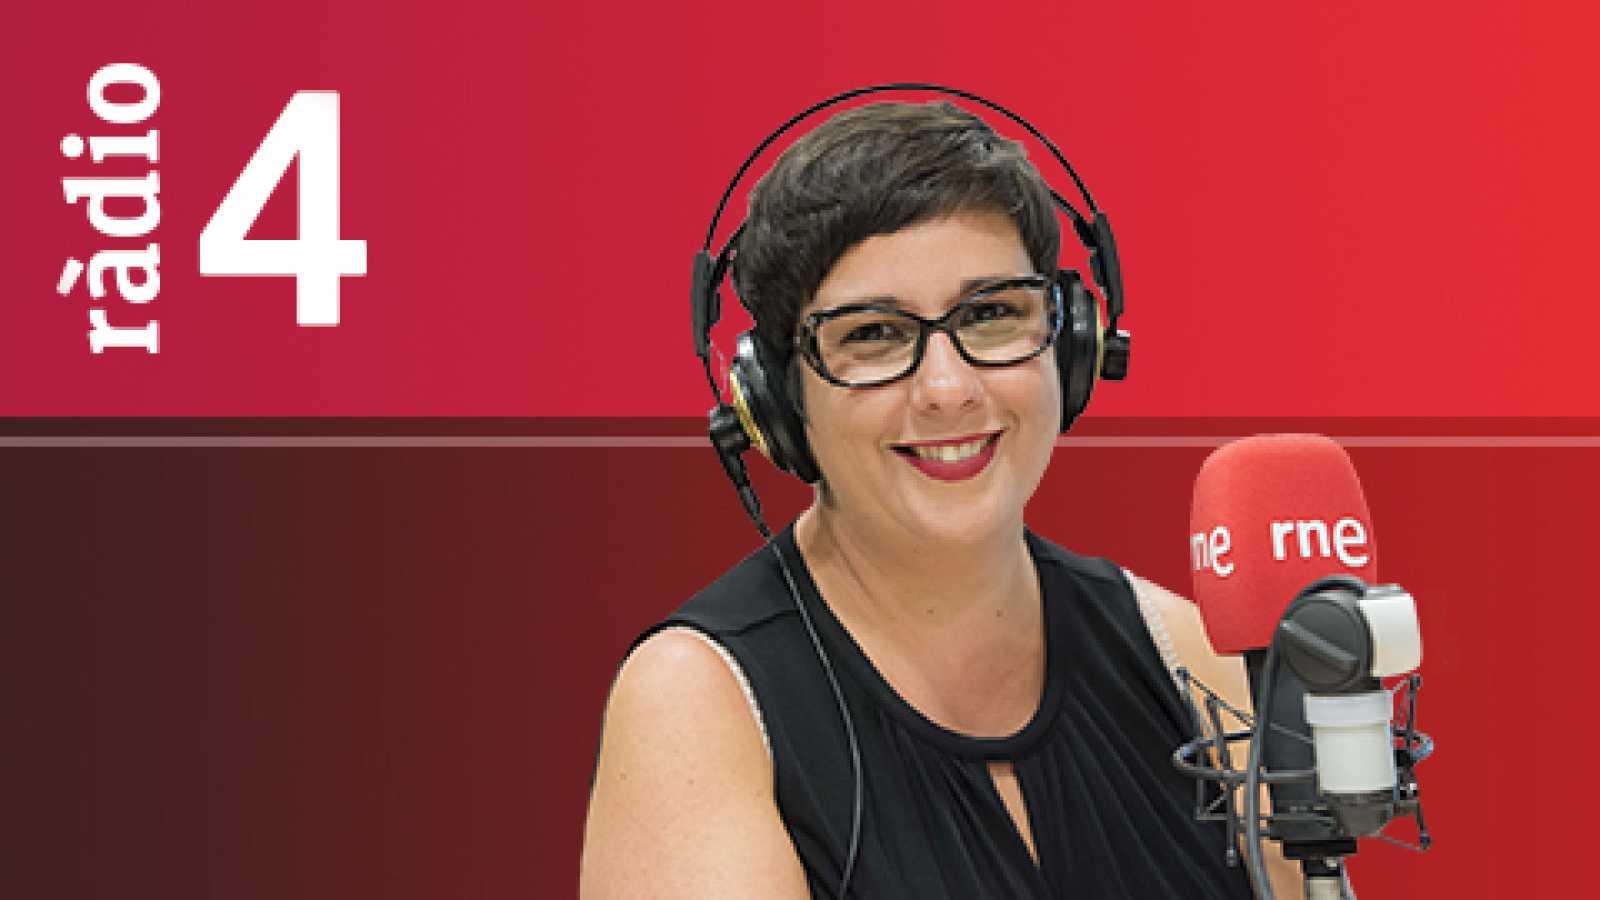 Realpolitik - Juli Fernandez, Mar ampurdanés, Jessica González